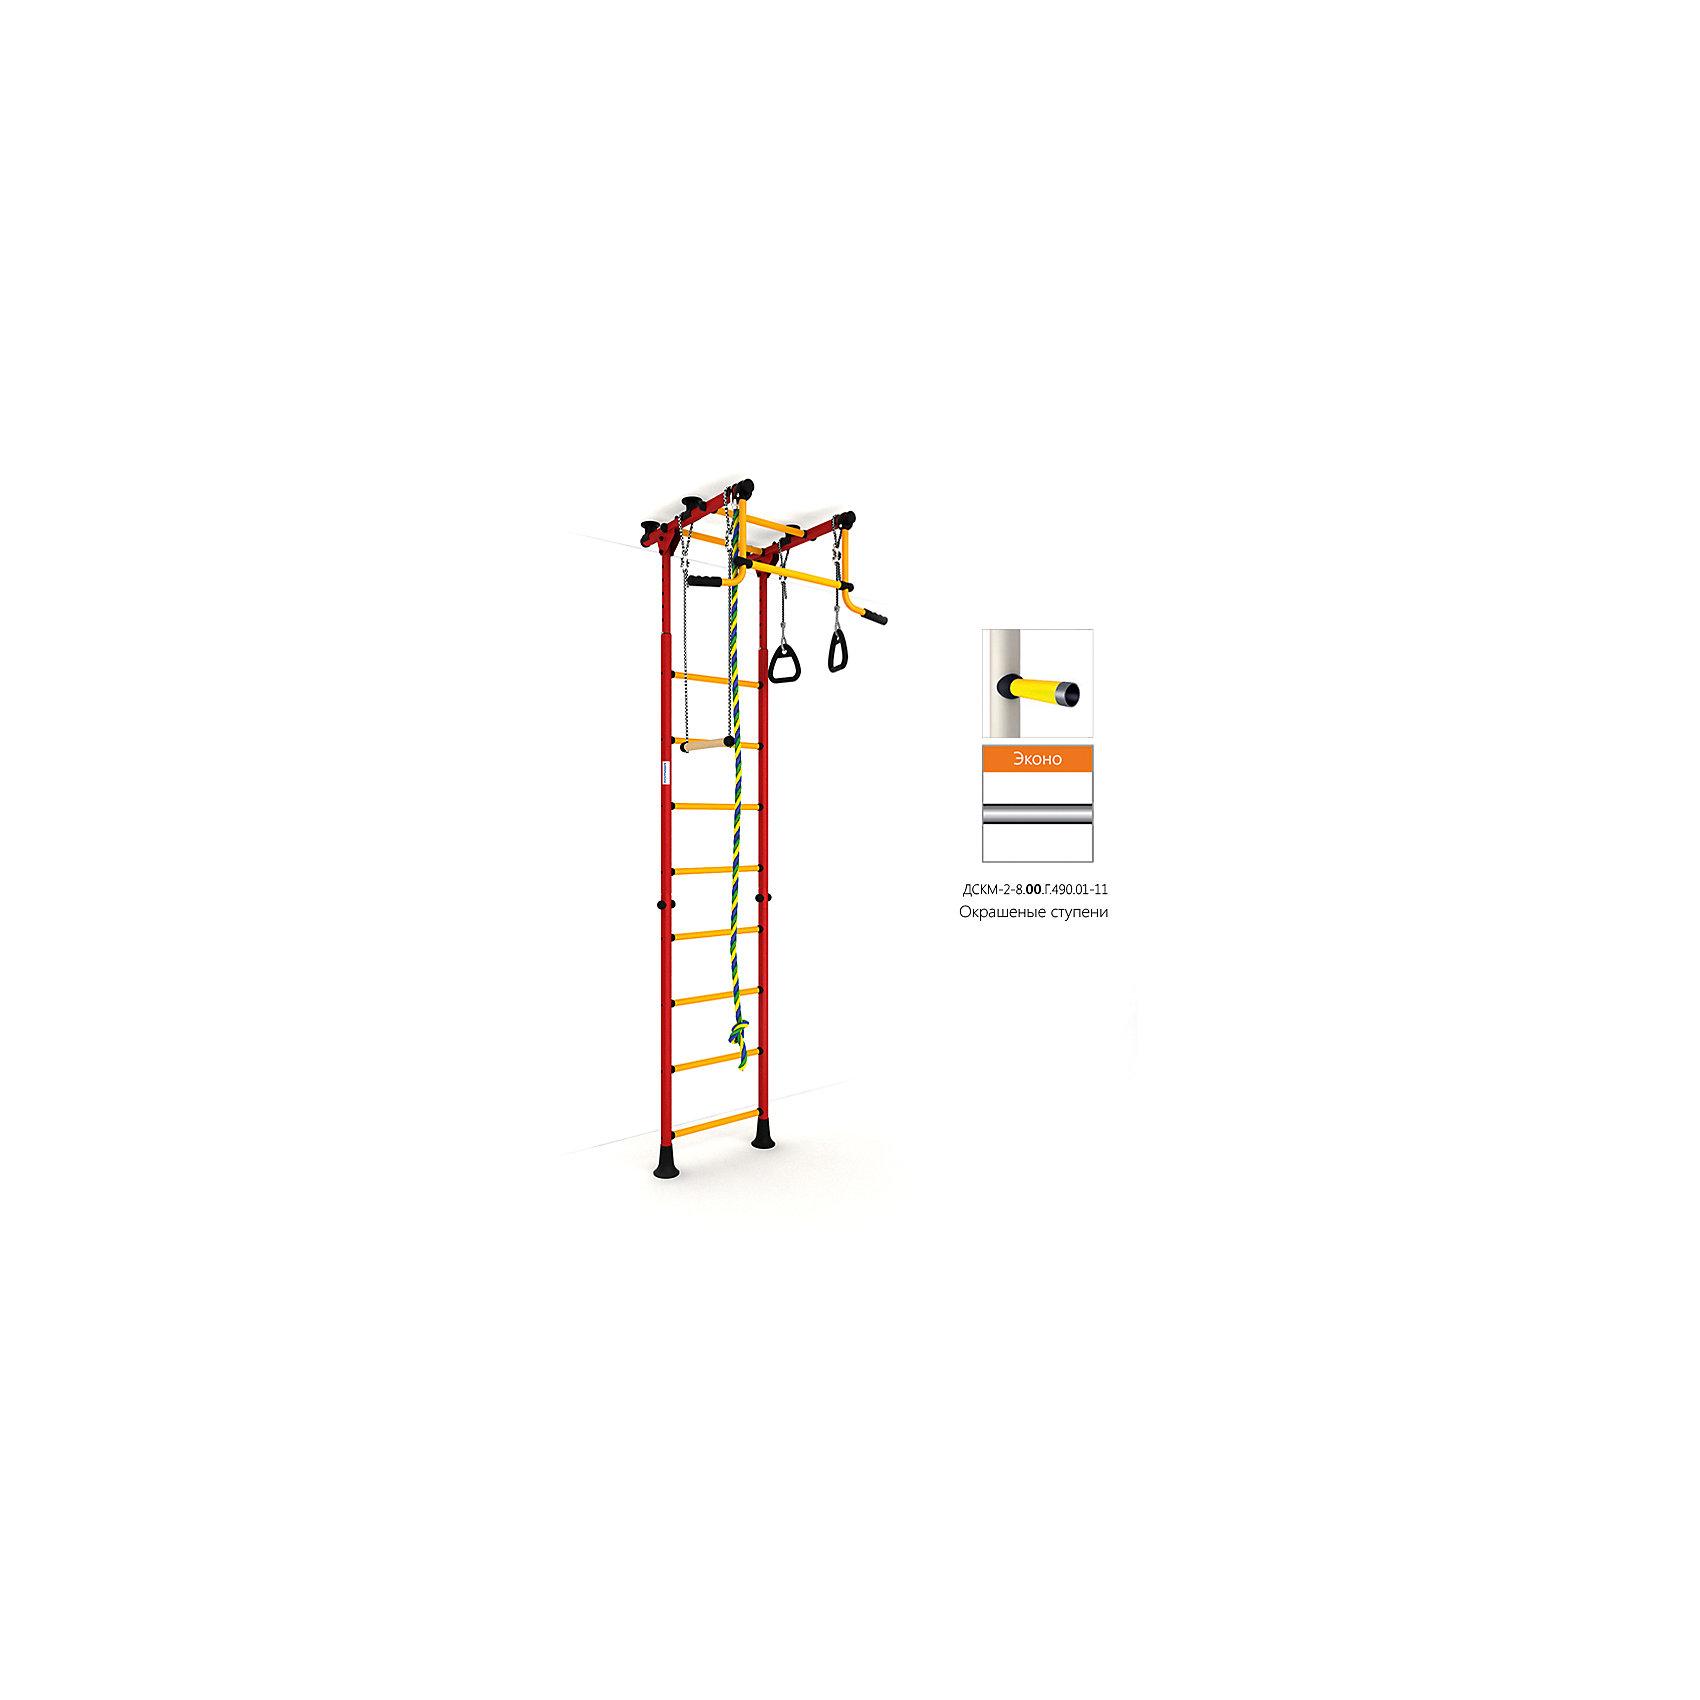 Шведская лестница Комета-2 Эконо, красный-желтыйШведские стенки<br>Вариант РОМАНА Карусель Комета-2 с окрашенными ступенями, без дополнительного покрытия – ЭКОНО<br><br>Ширина мм: 1160<br>Глубина мм: 610<br>Высота мм: 140<br>Вес г: 18000<br>Возраст от месяцев: 36<br>Возраст до месяцев: 192<br>Пол: Унисекс<br>Возраст: Детский<br>SKU: 5251559